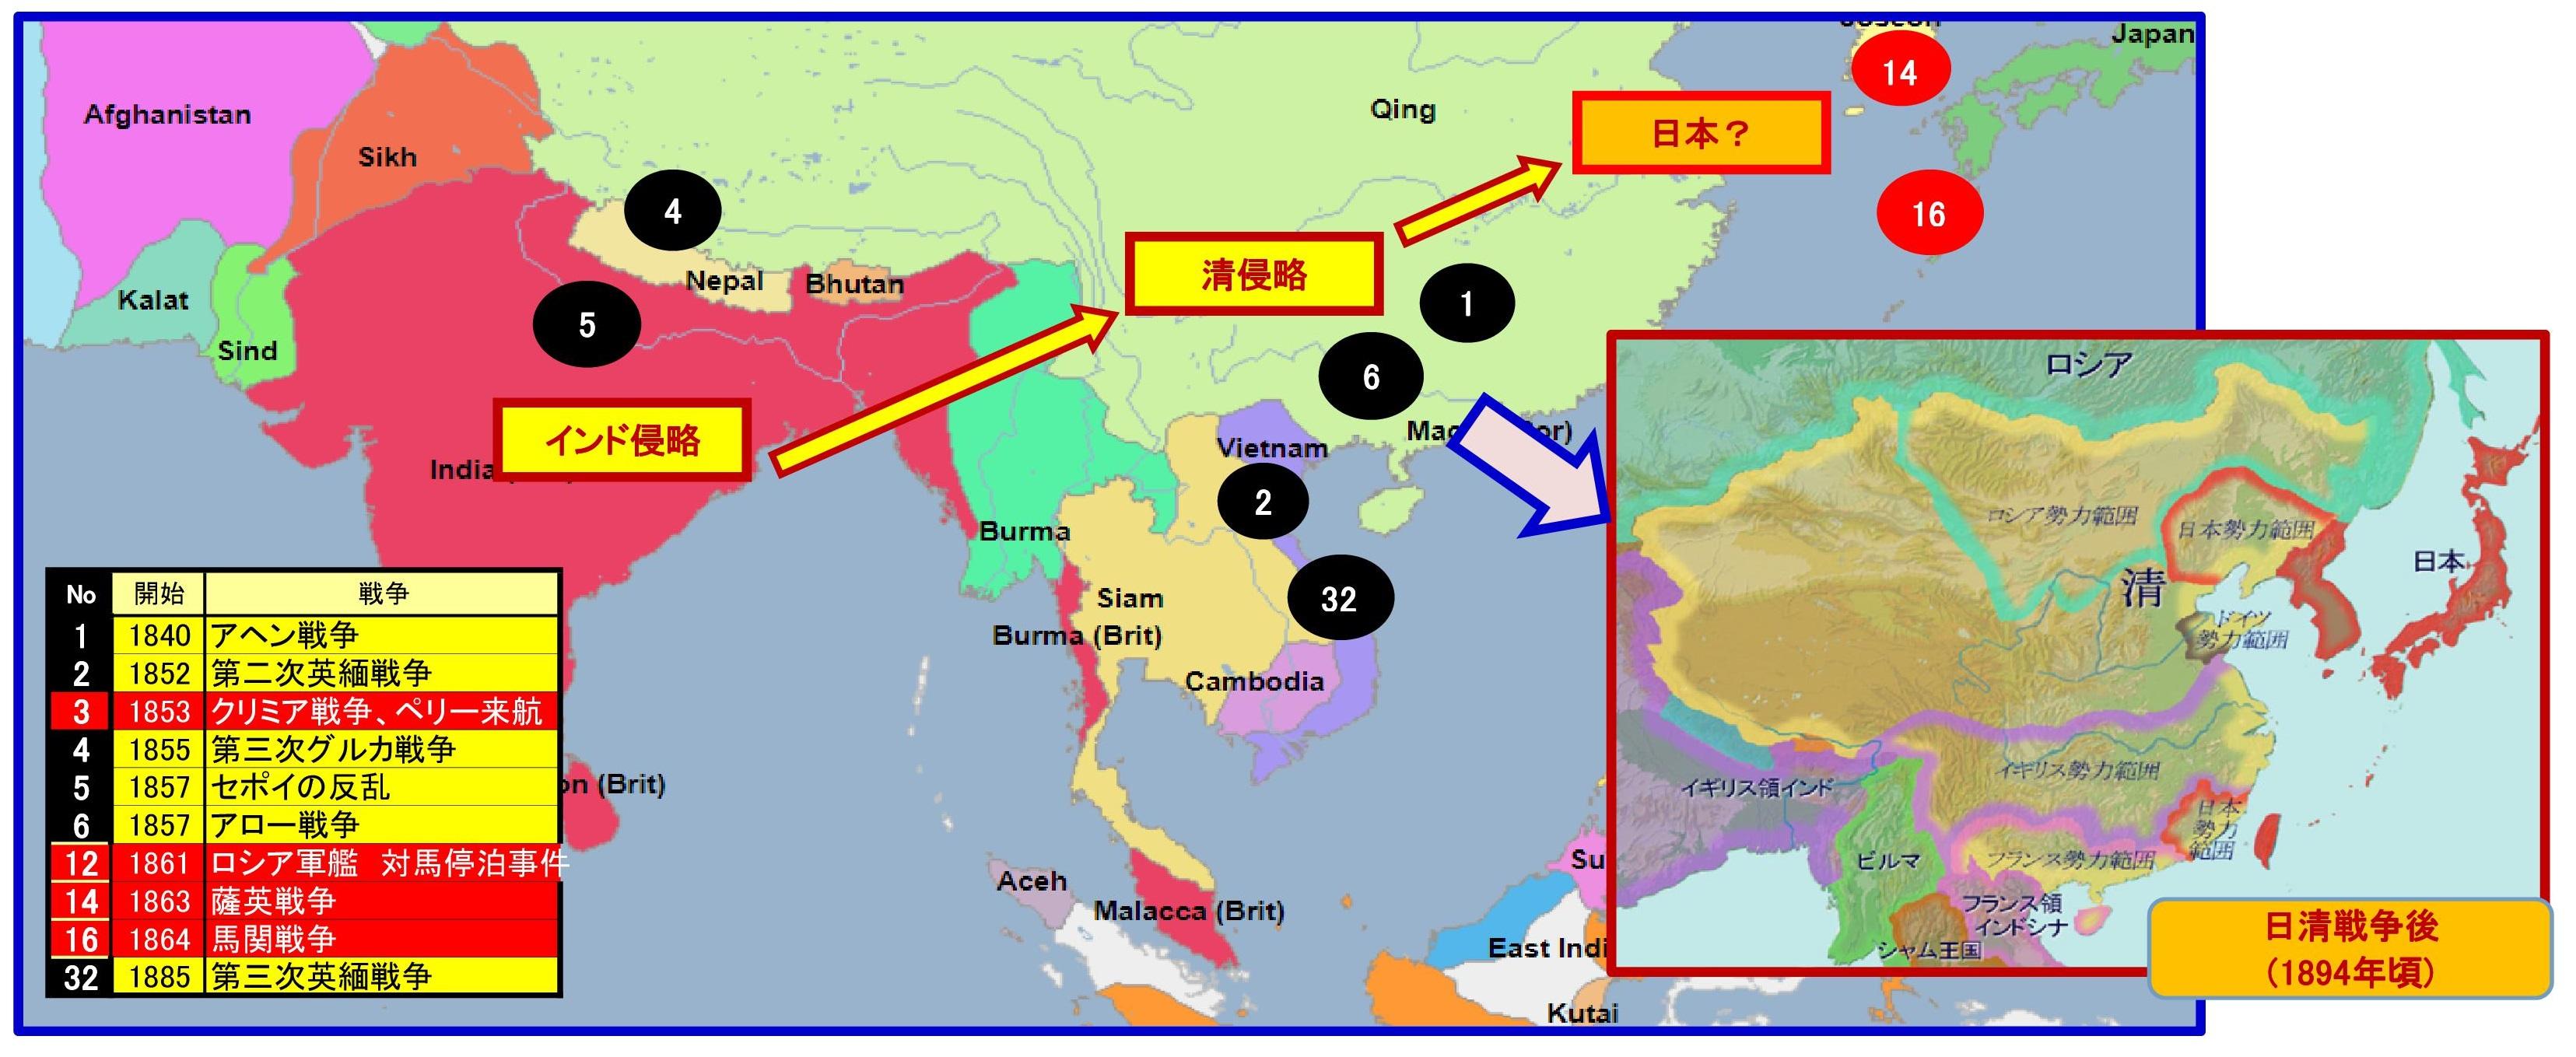 19世紀後半のイギリスのアジア侵略